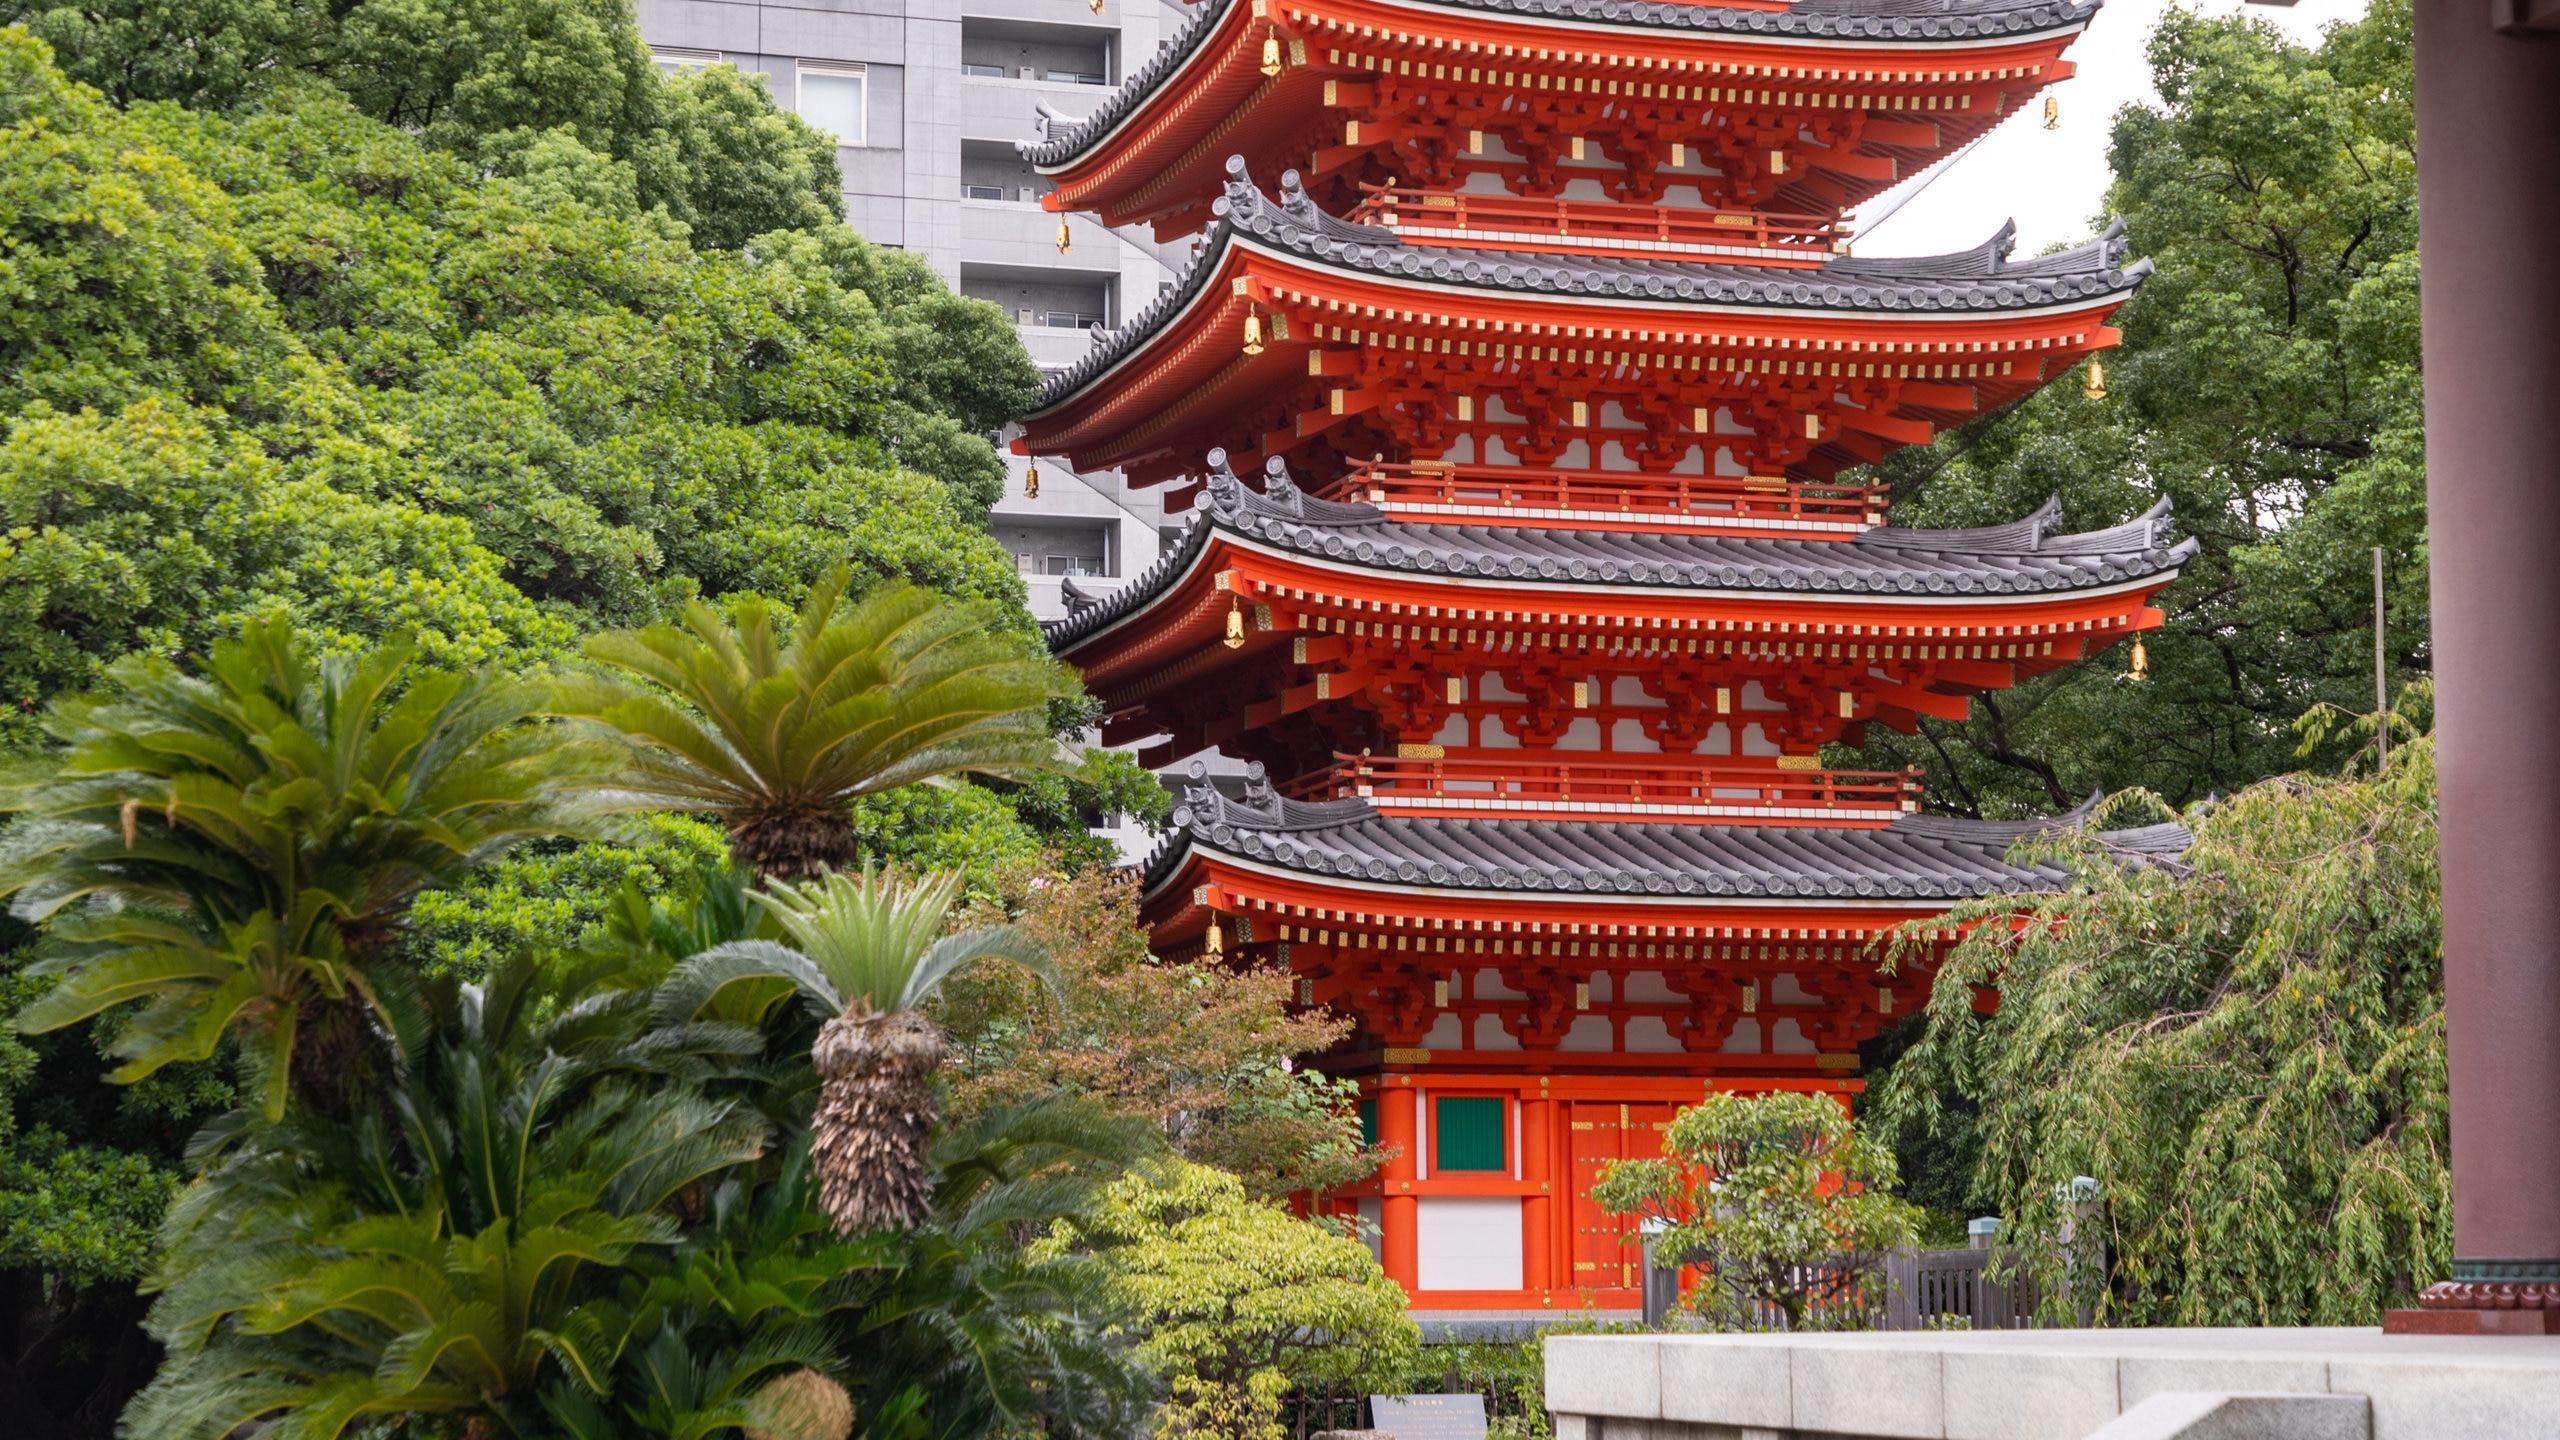 Tochoji-Tempel, Fukuoka, Präfektur Fukuoka, Japan